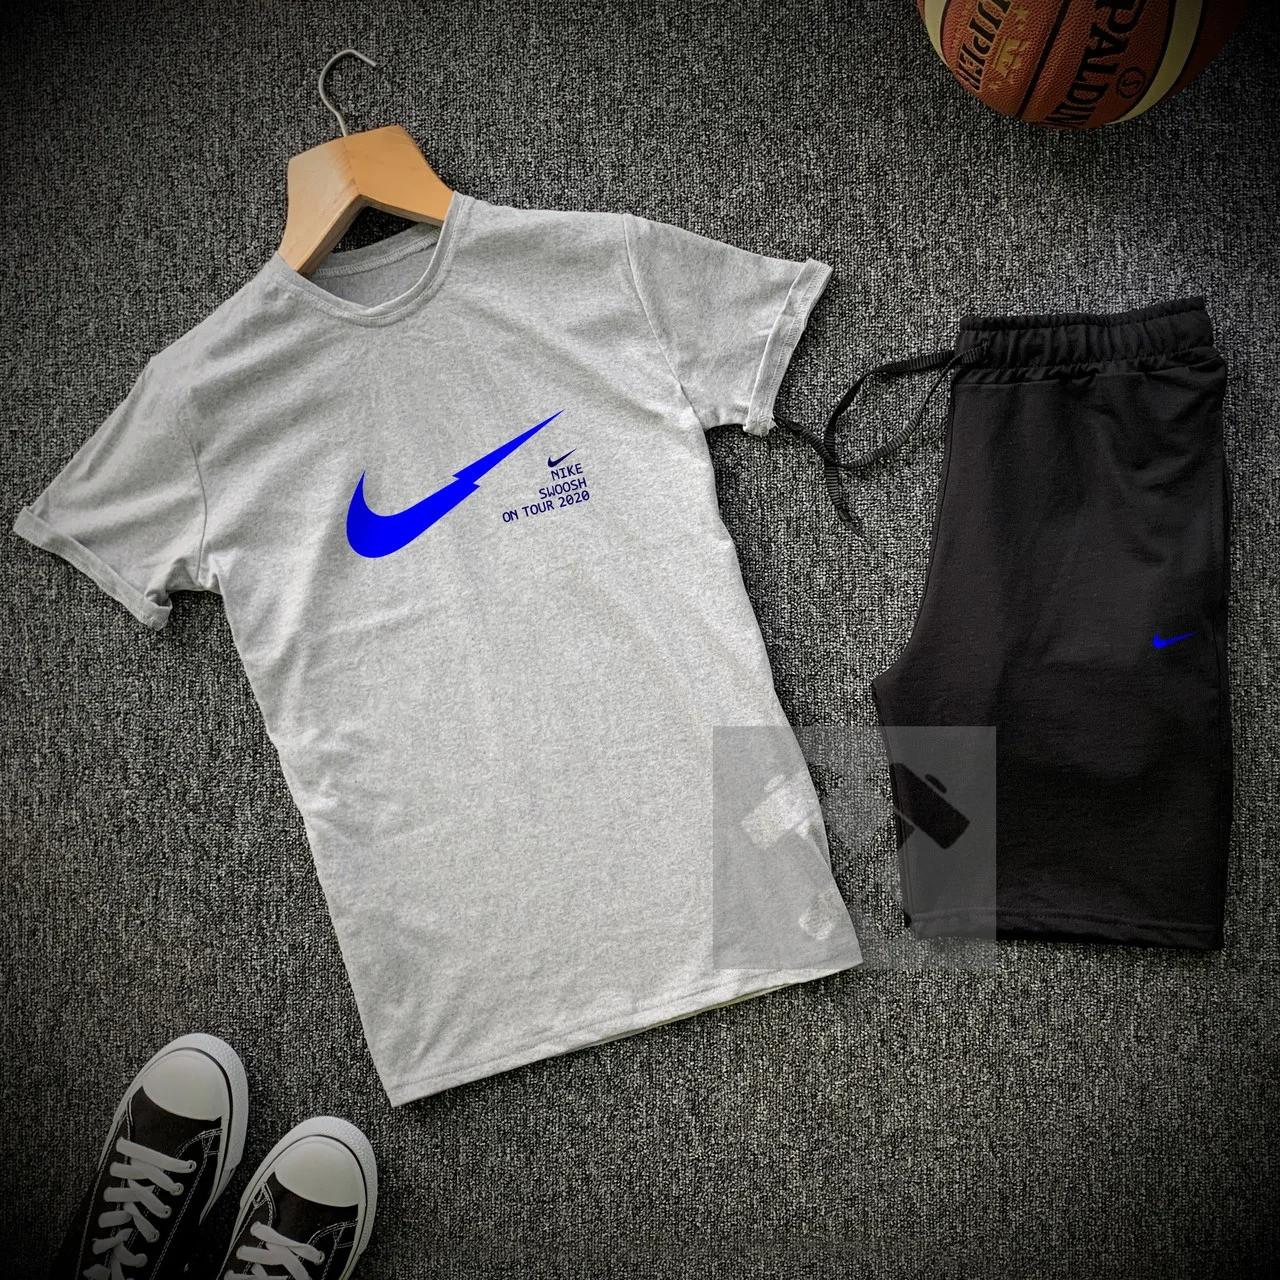 Футболка и шорты Nike серого и черного цвета